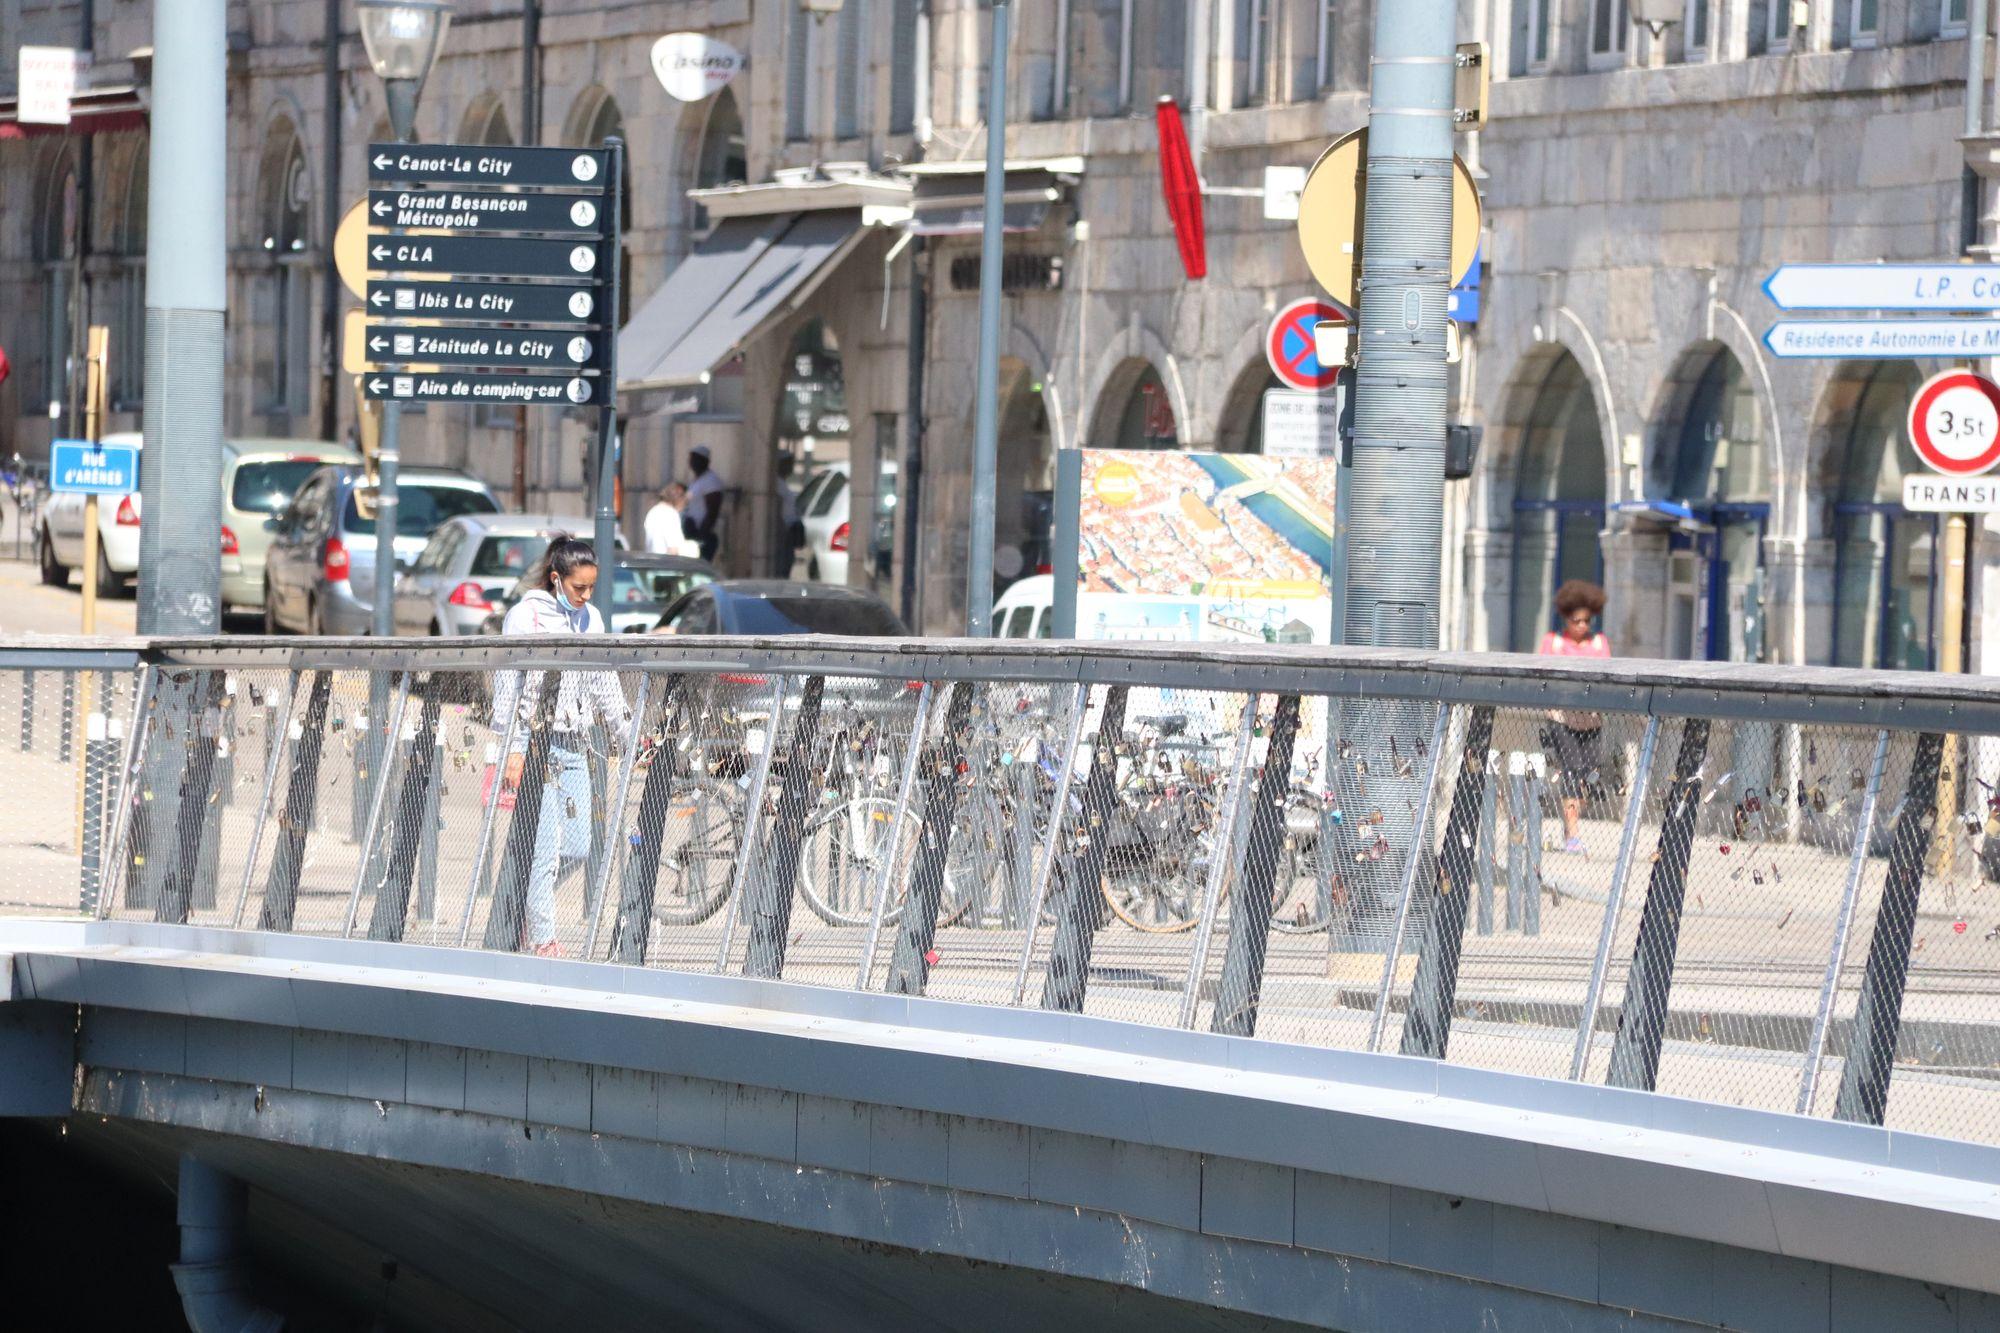 Besançon. Les 17 propositions du candidat Ludovic Fagaut pour le tourisme